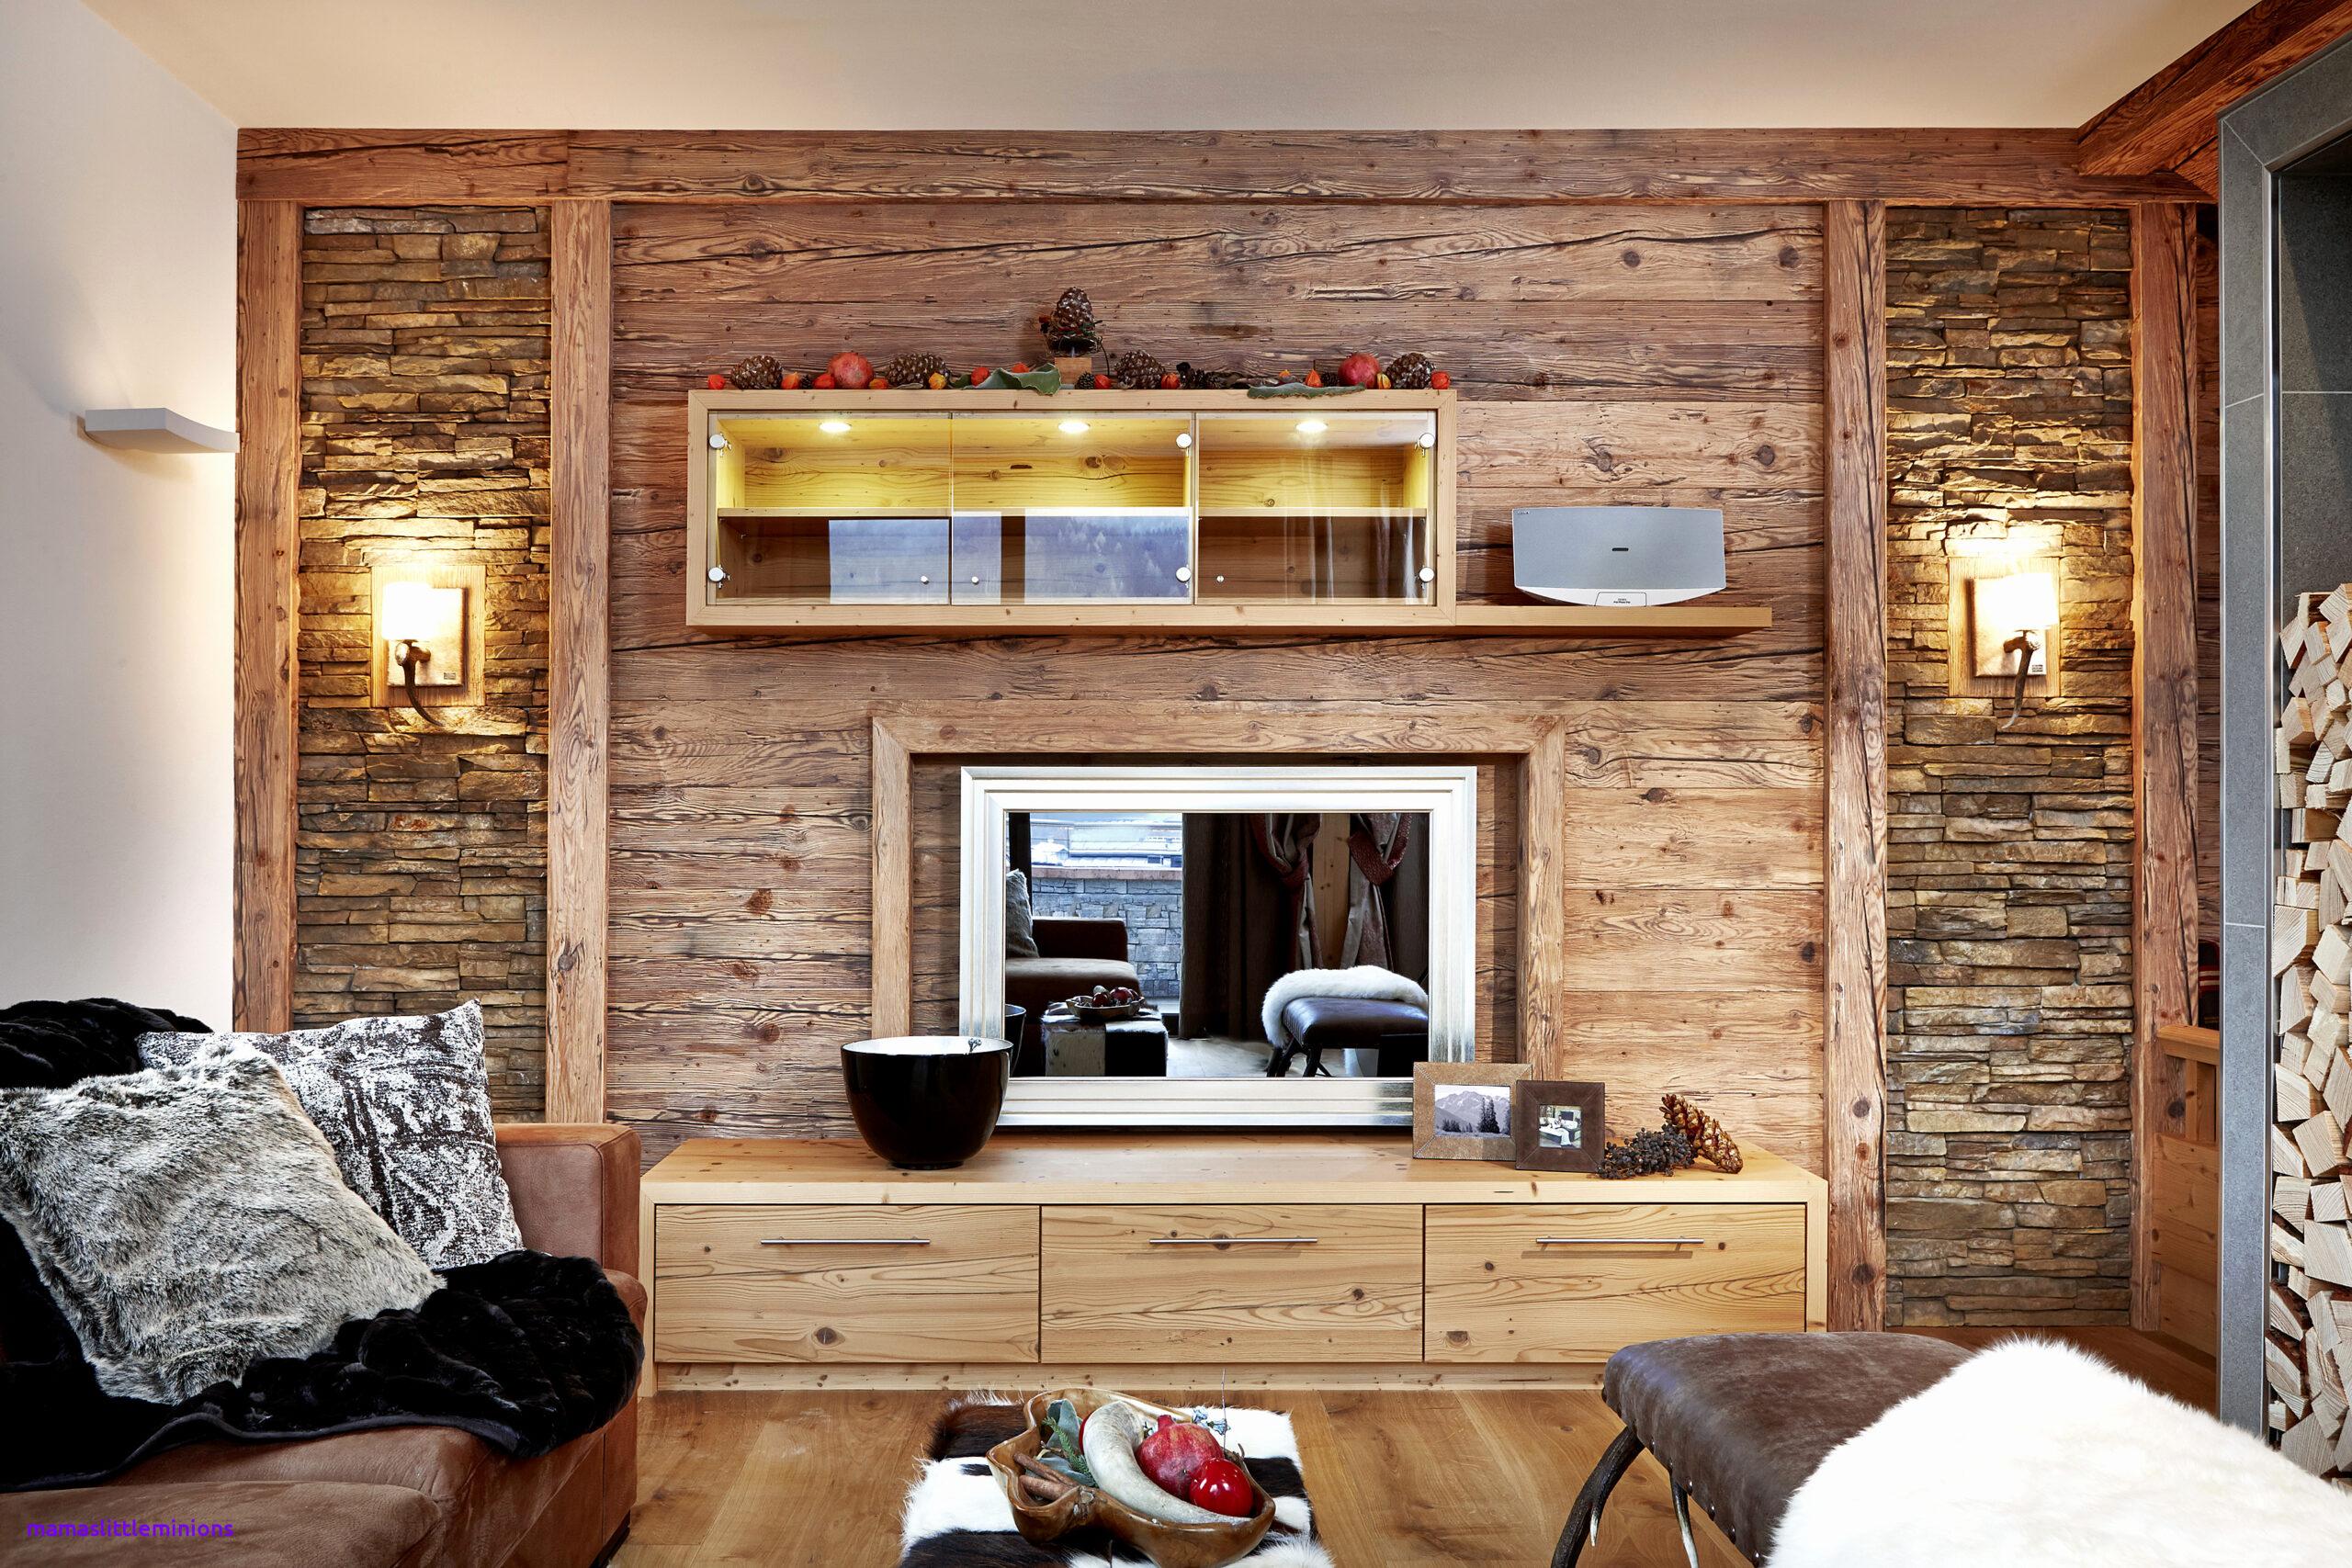 Full Size of Wohnzimmer Wand Idee Fernseher An Ideen Moderne Deckenleuchte Wasserhahn Küche Wandanschluss Wandleuchte Bad Wandfliesen Tapeten Deckenleuchten Wohnzimmer Wohnzimmer Wand Idee